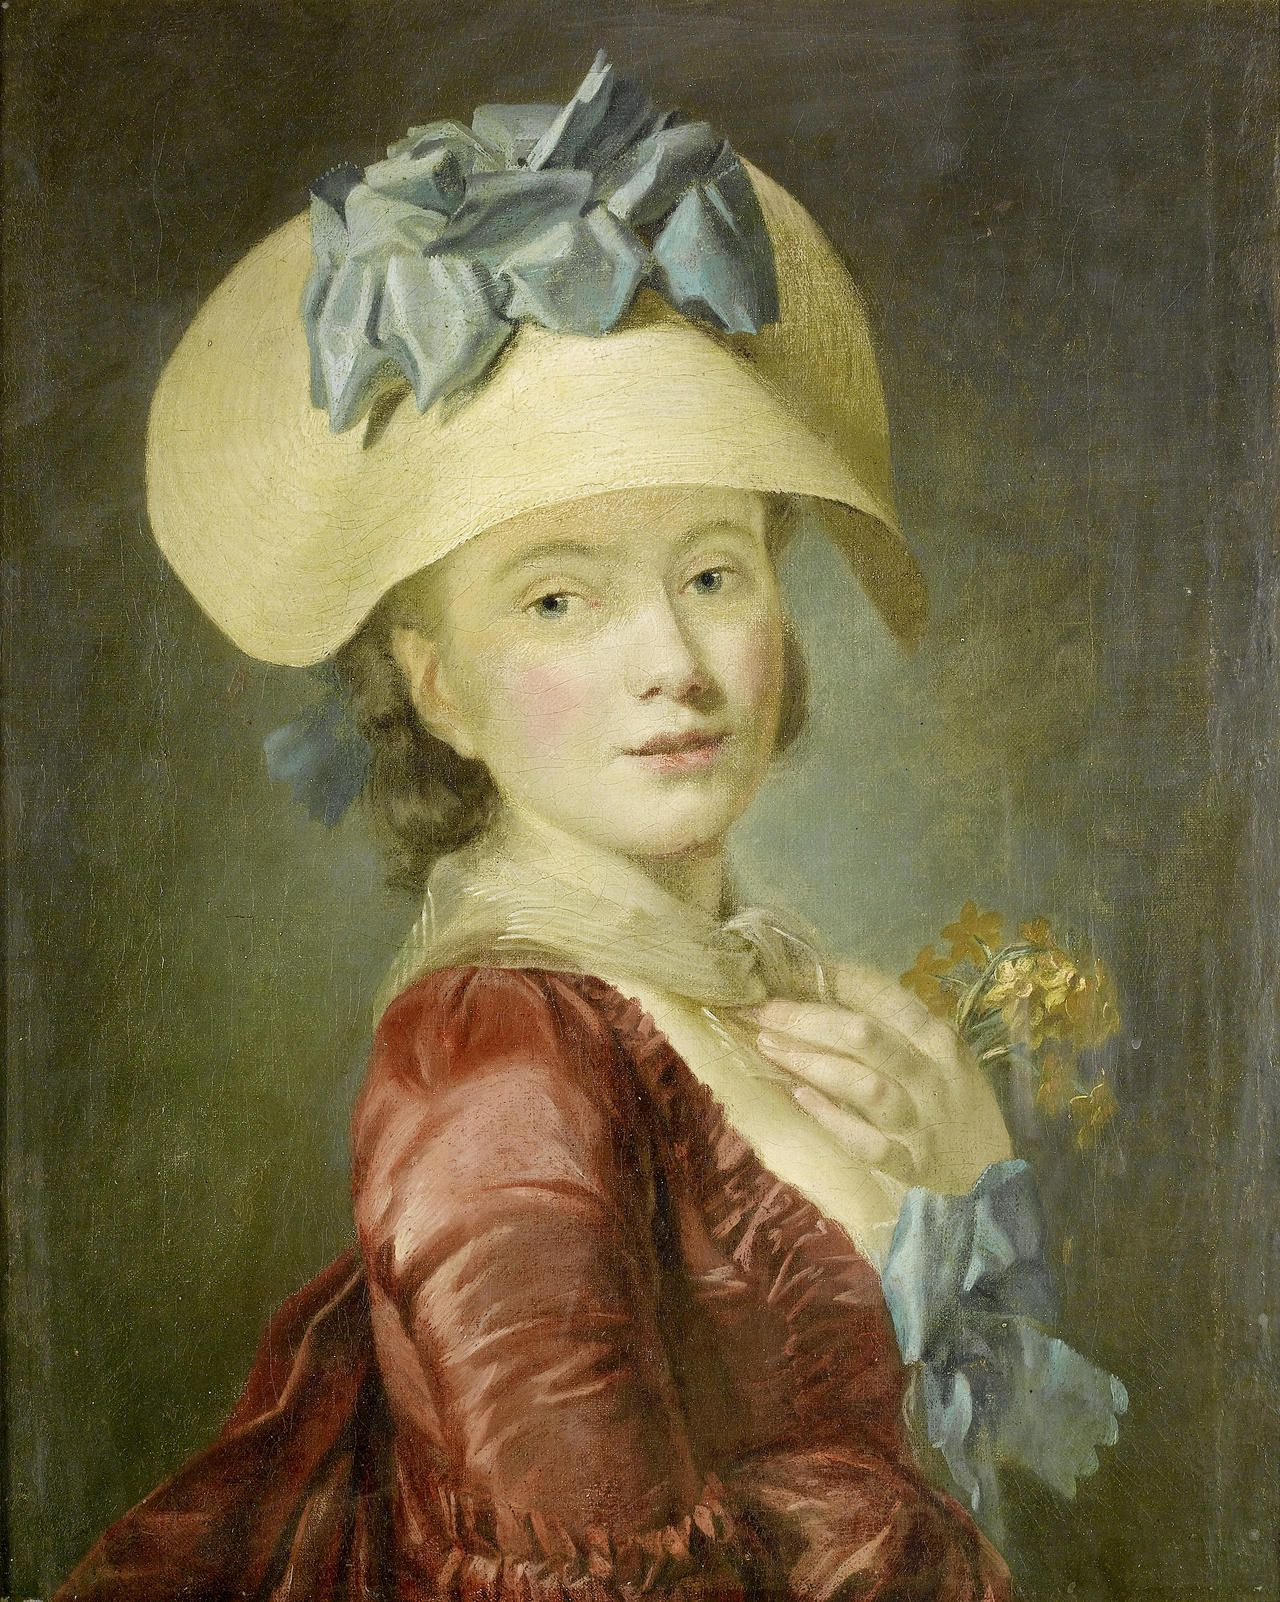 Épinglé sur Peintures du XVIIIe s.